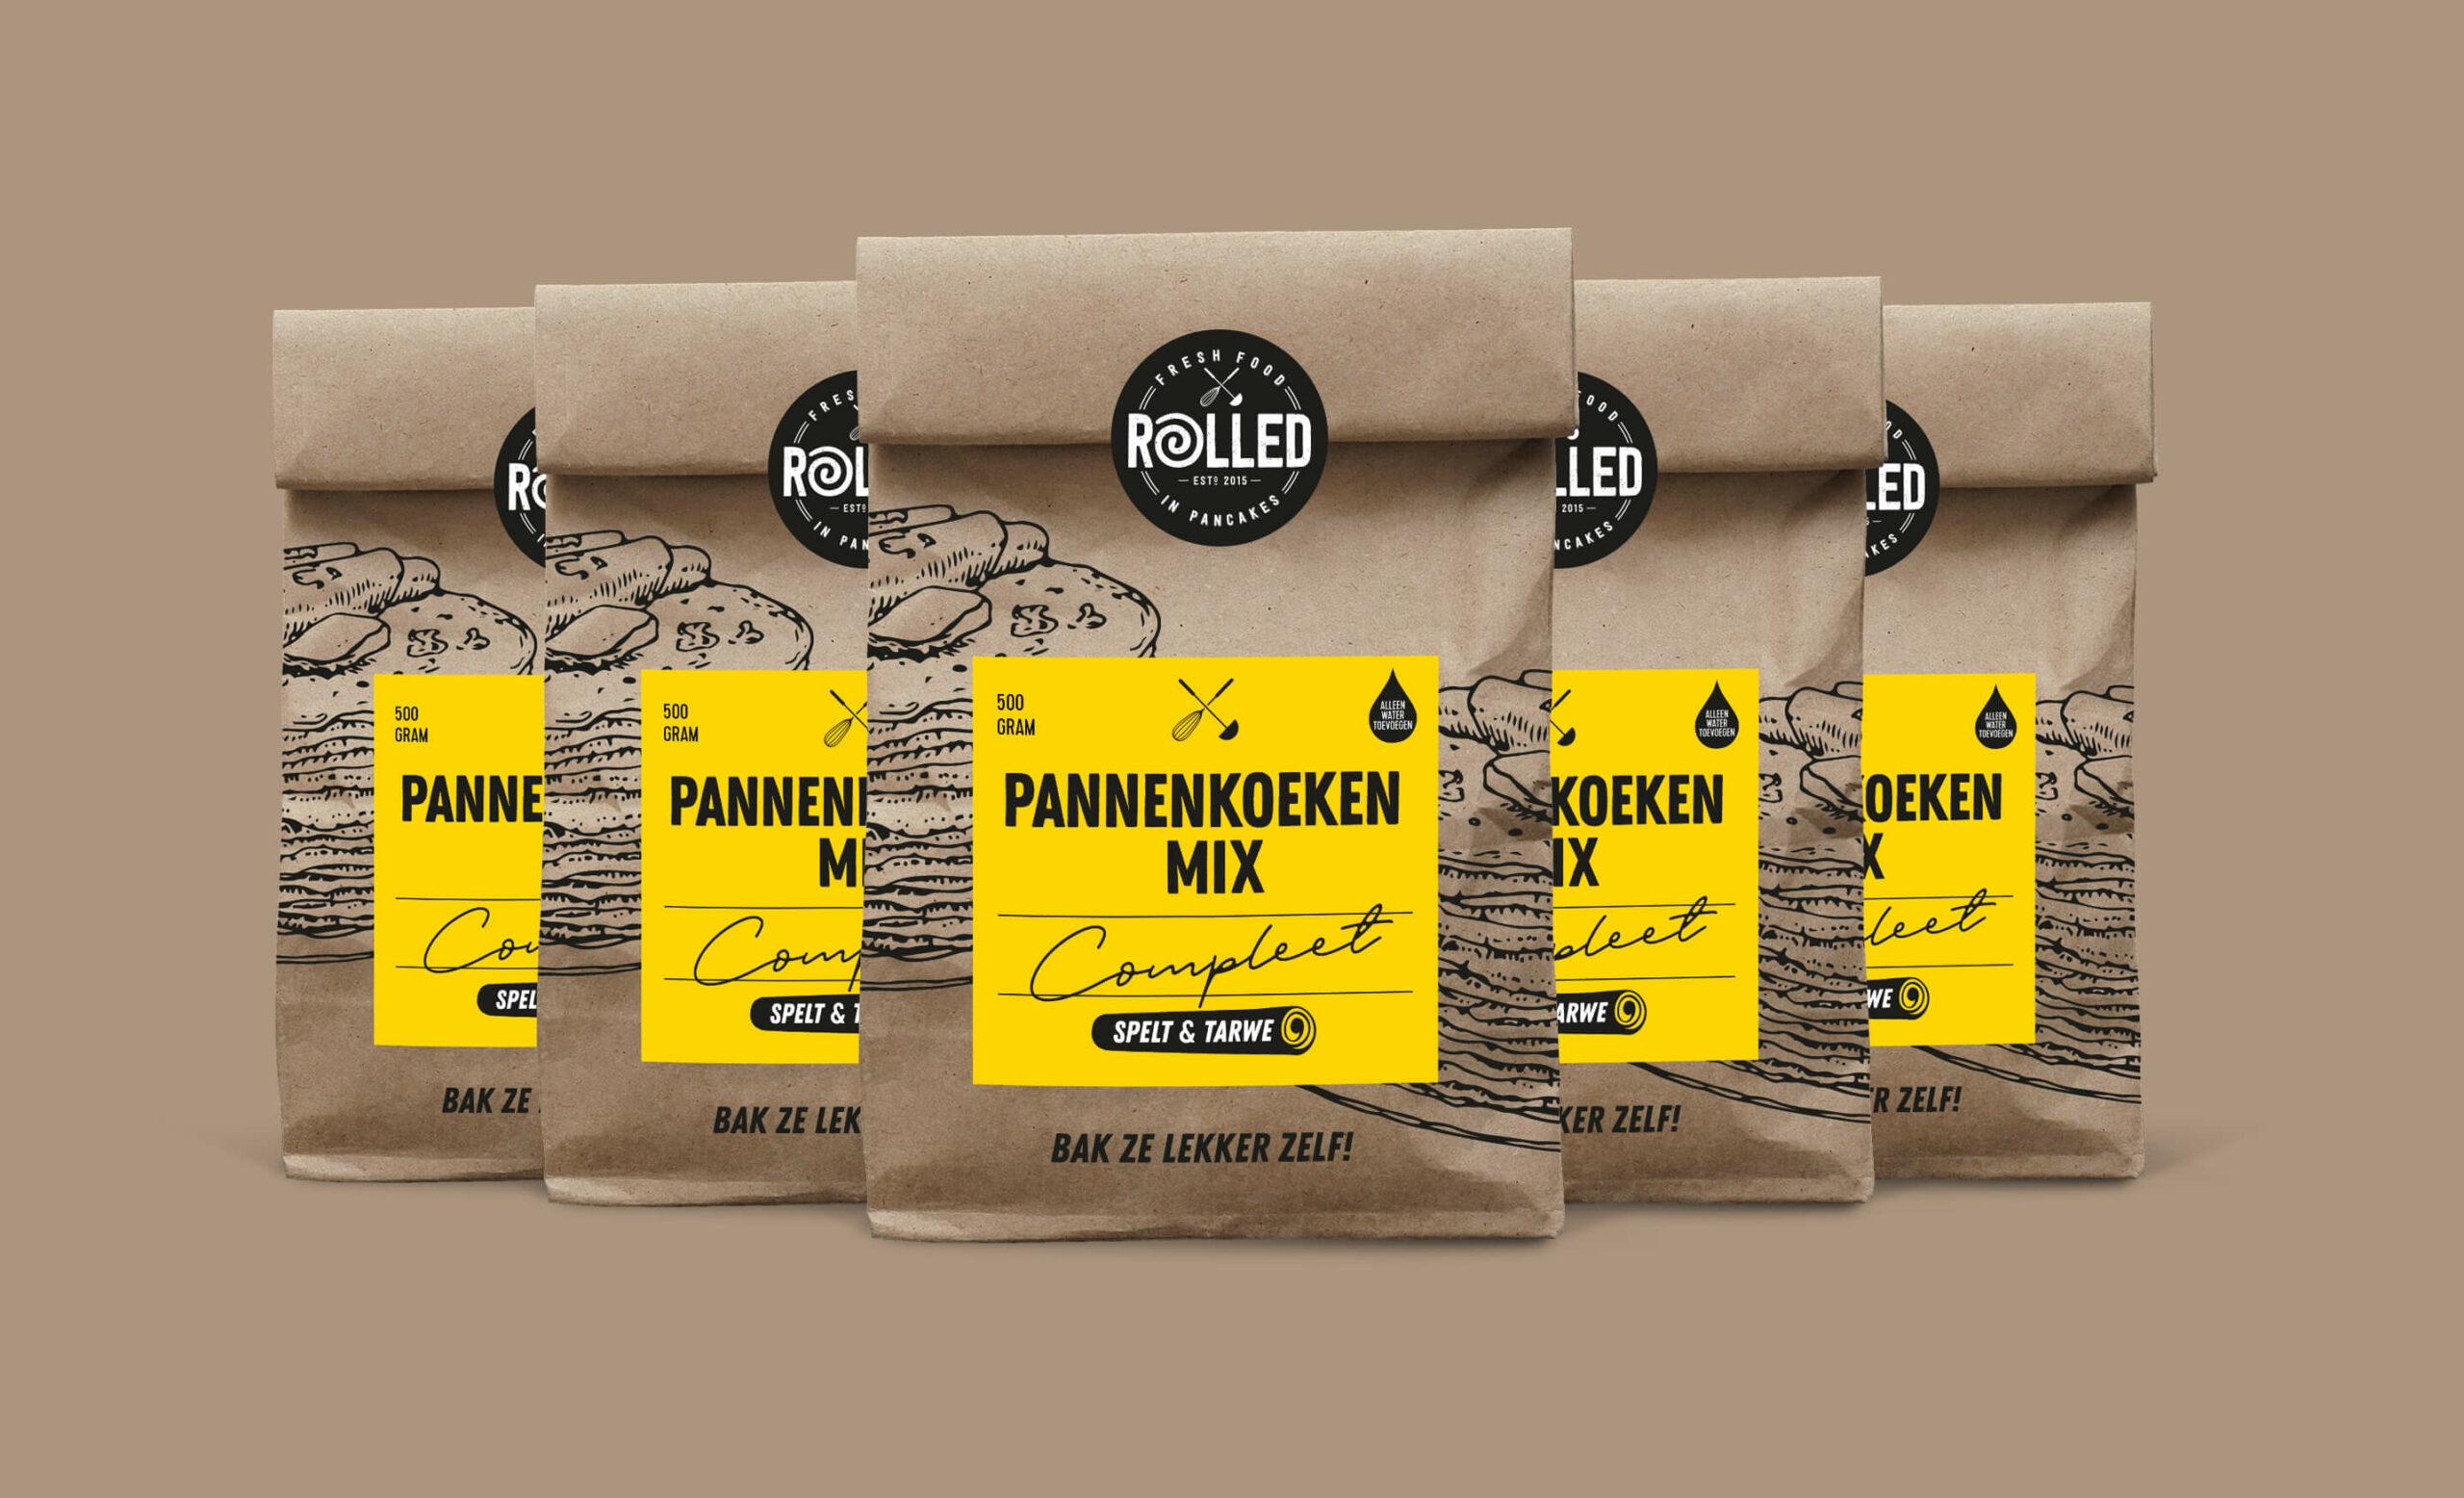 Rolled Pannenkoeken mix